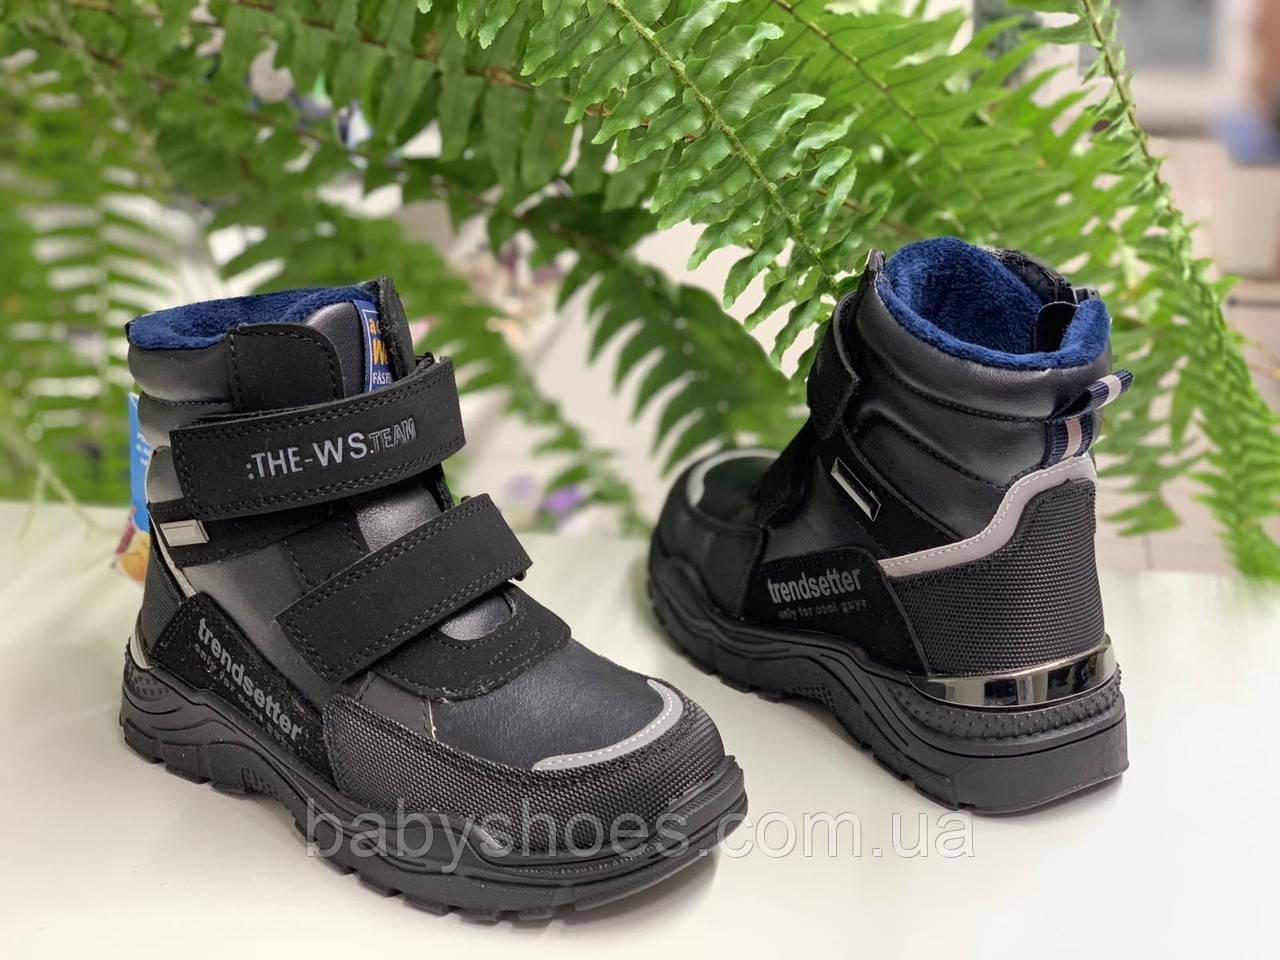 Зимние ботинки для мальчика,WeeStep Польша,черные, р.32-37,5. ЗМ-275